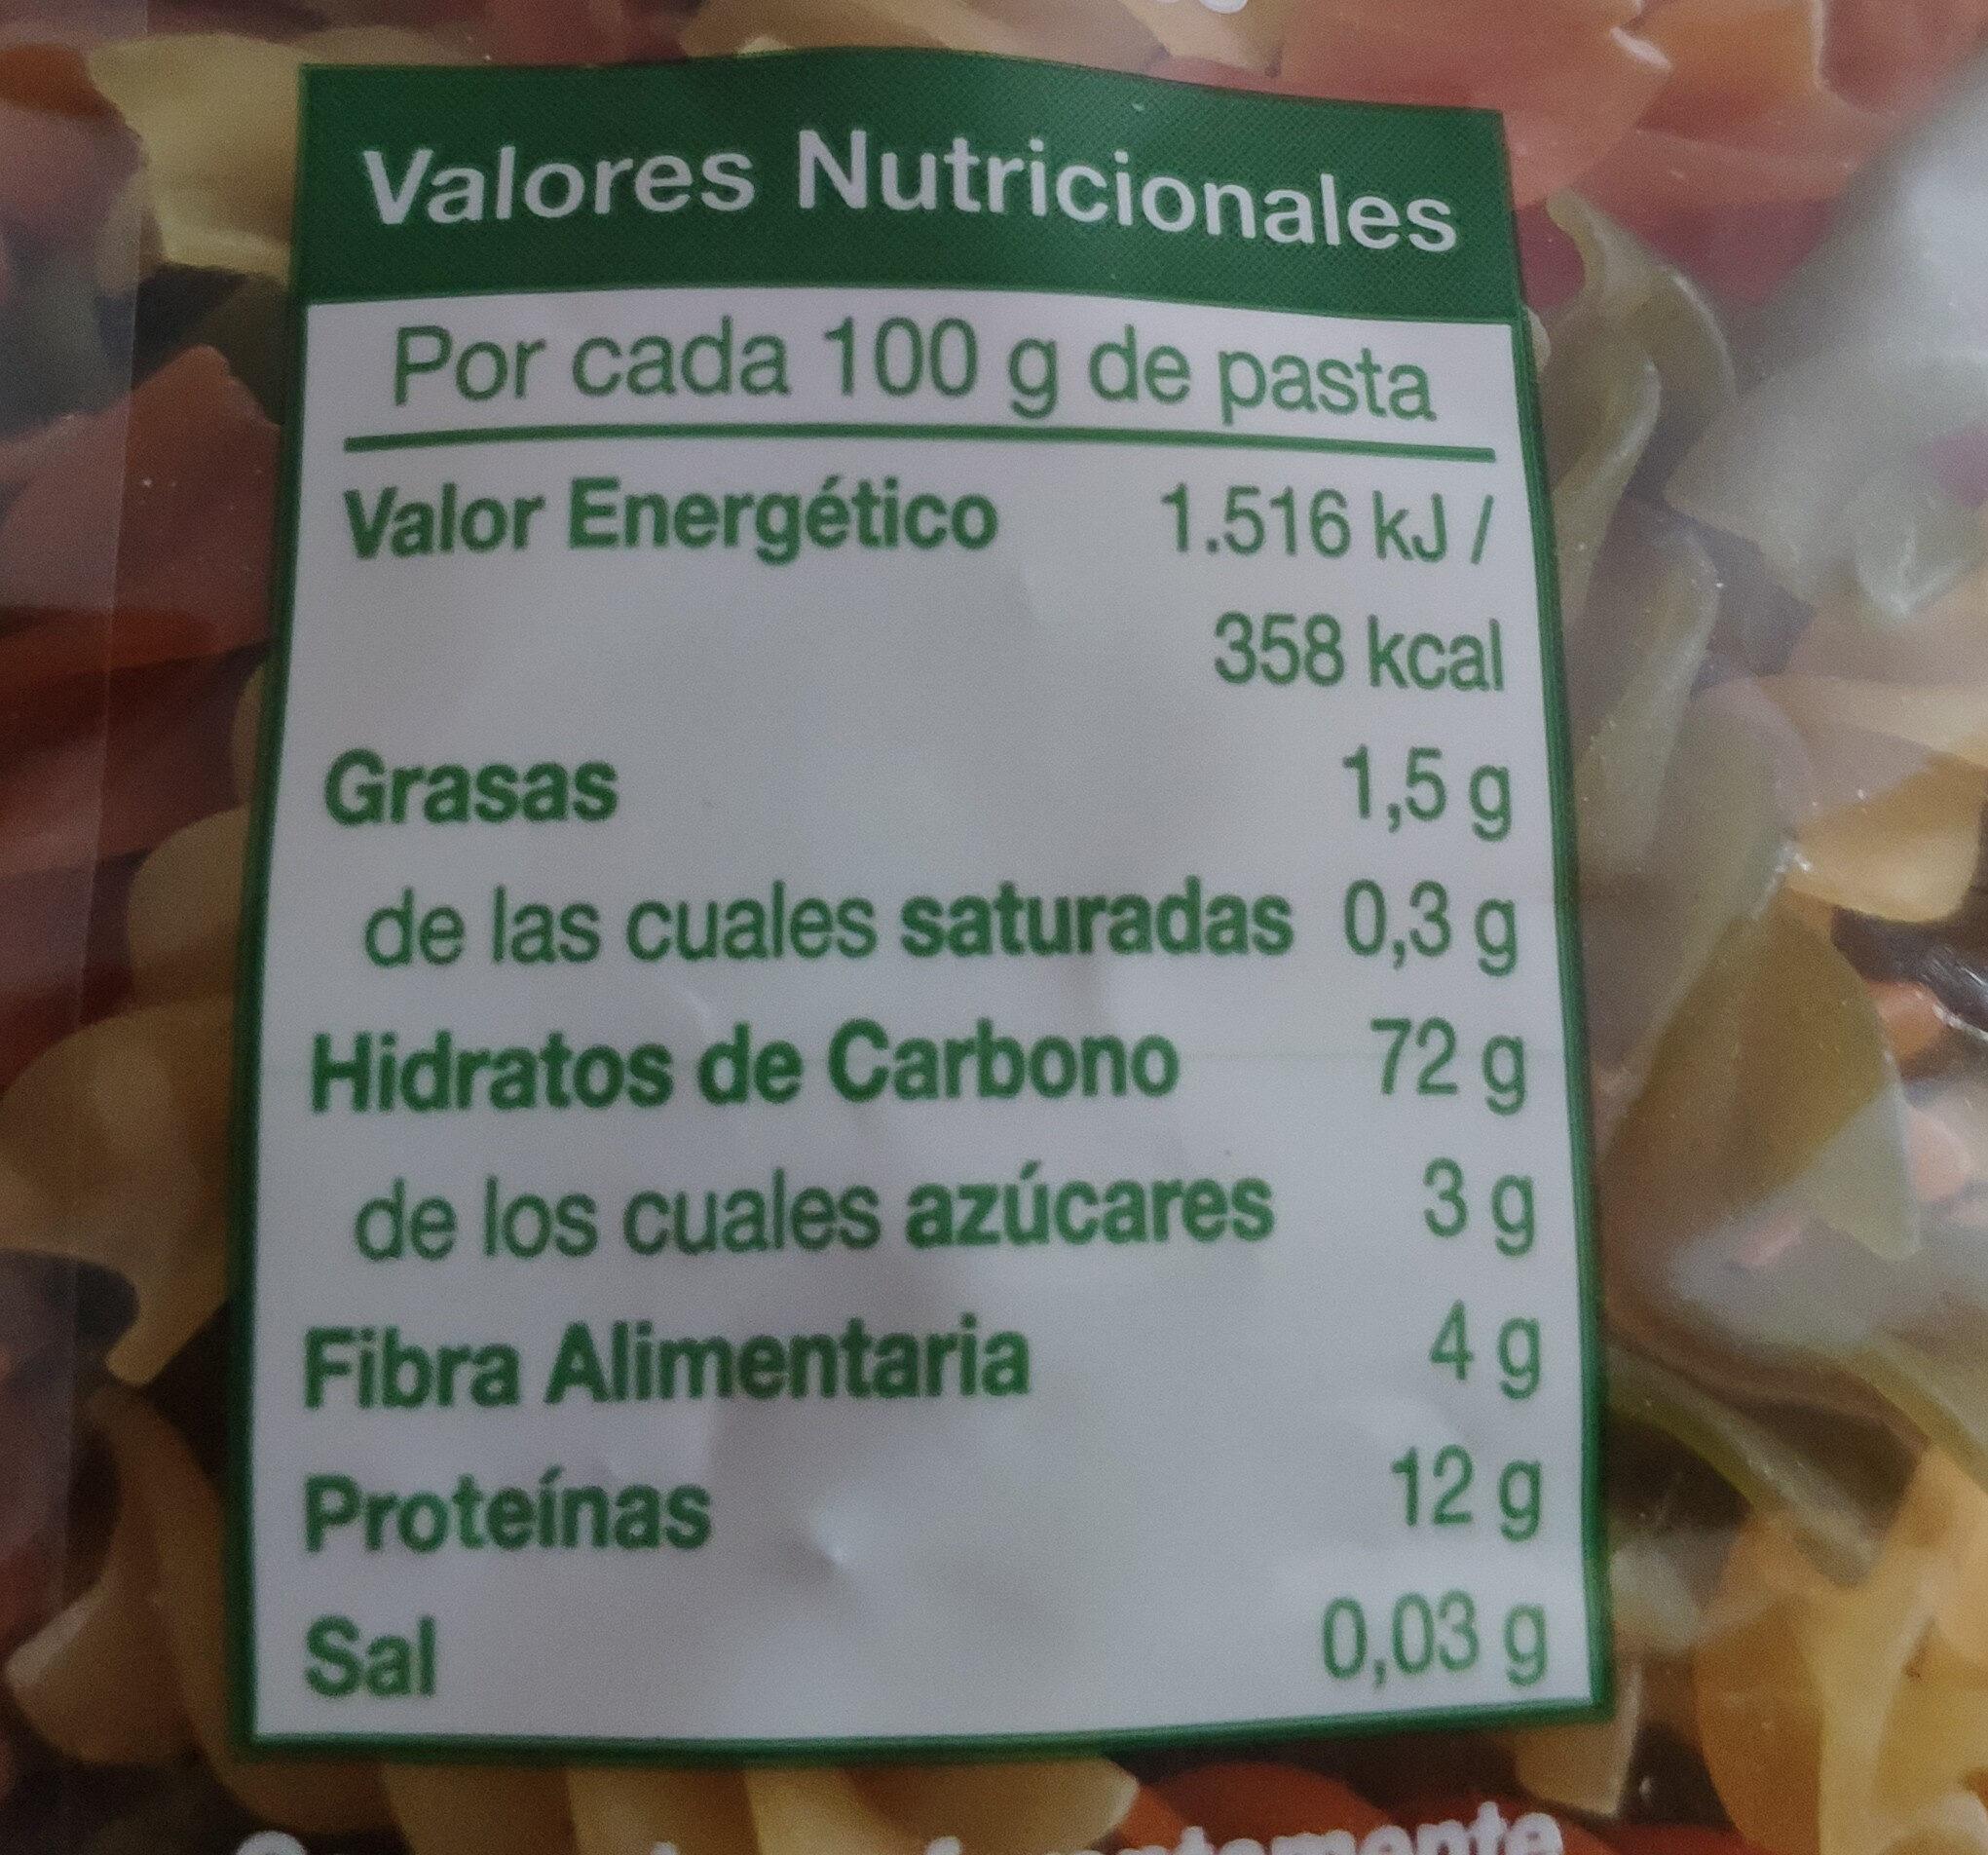 Hélices con vegetales - Información nutricional - es